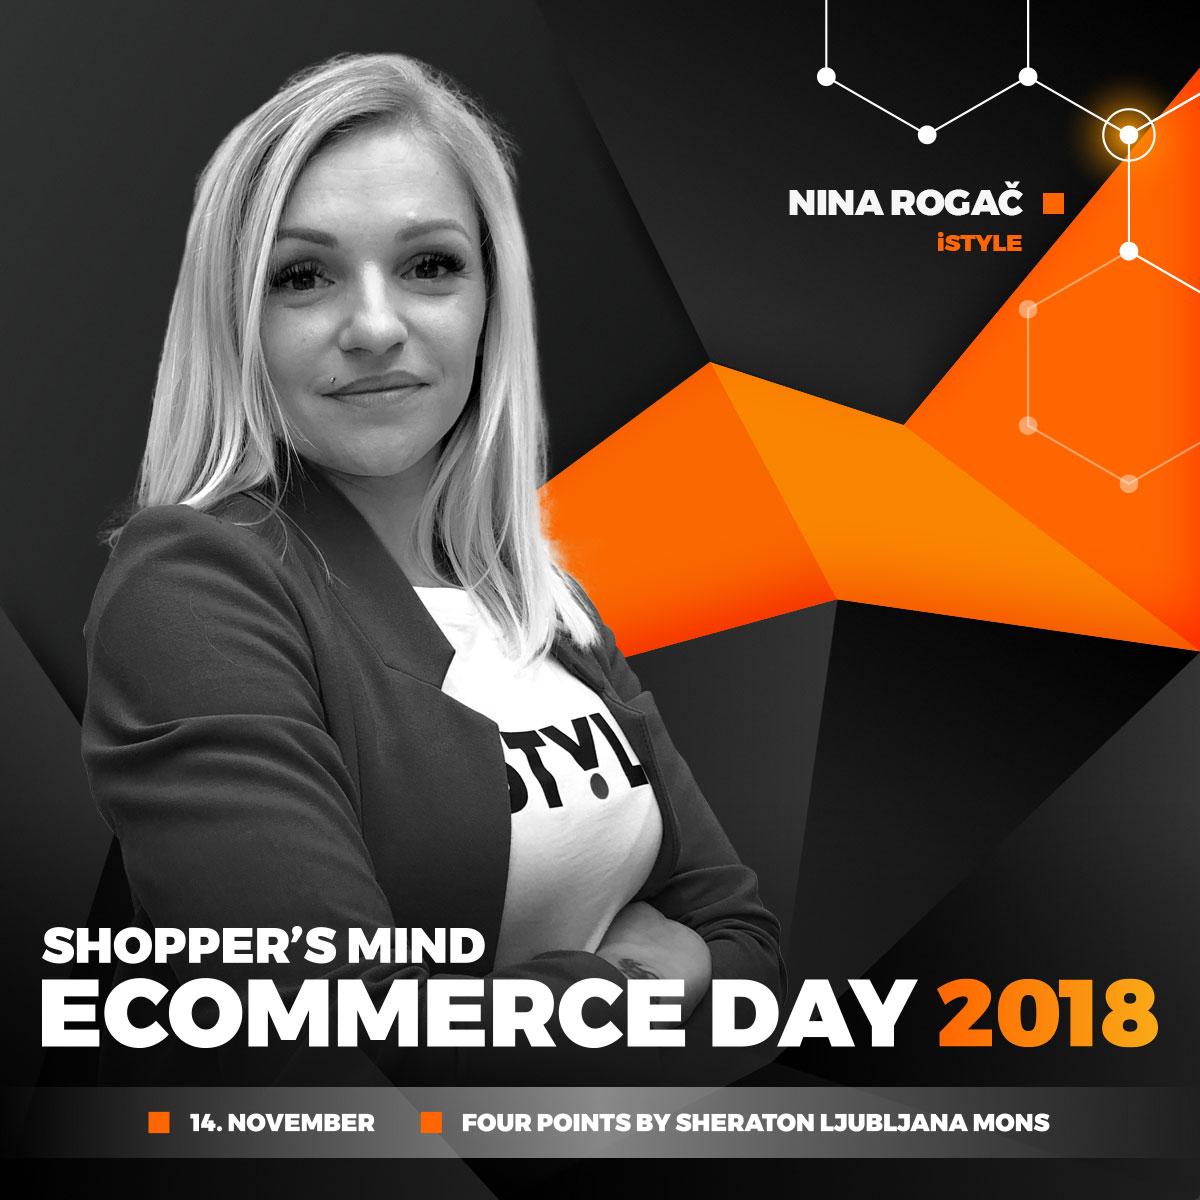 Nina Rogač